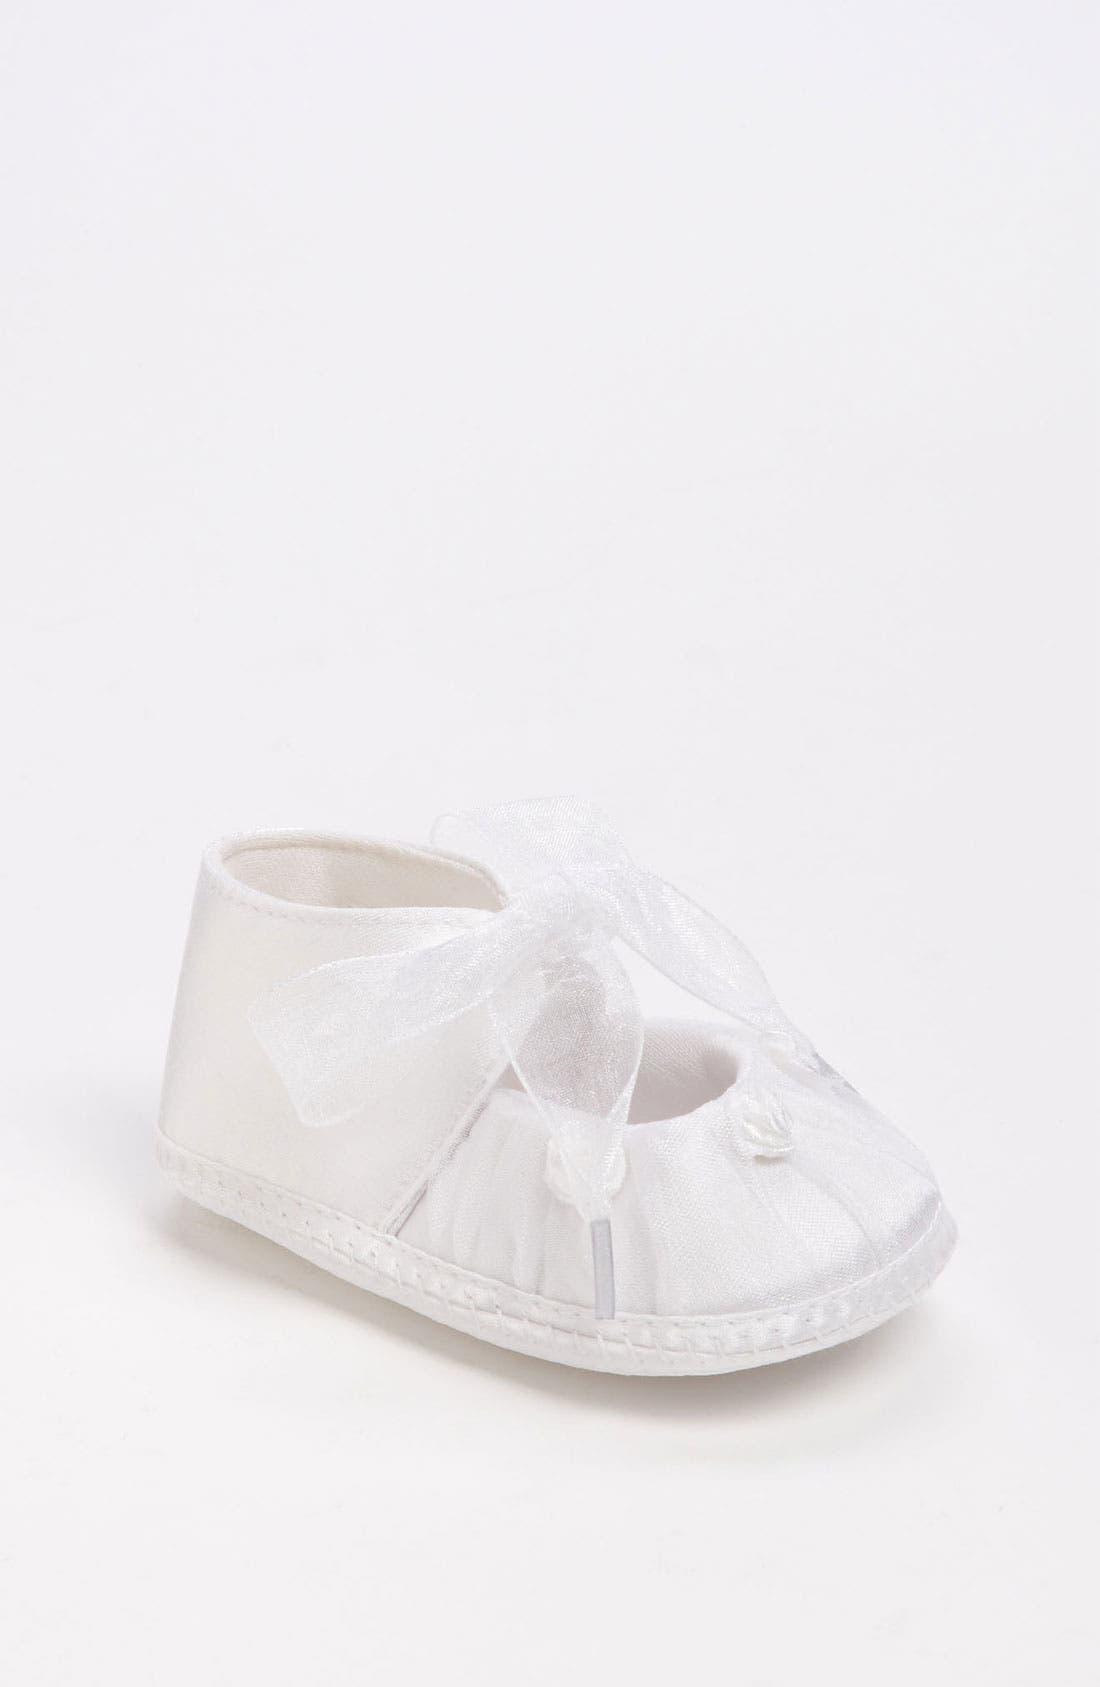 Main Image - Designer's Touch 'Cheree' Crib Shoe (Baby)